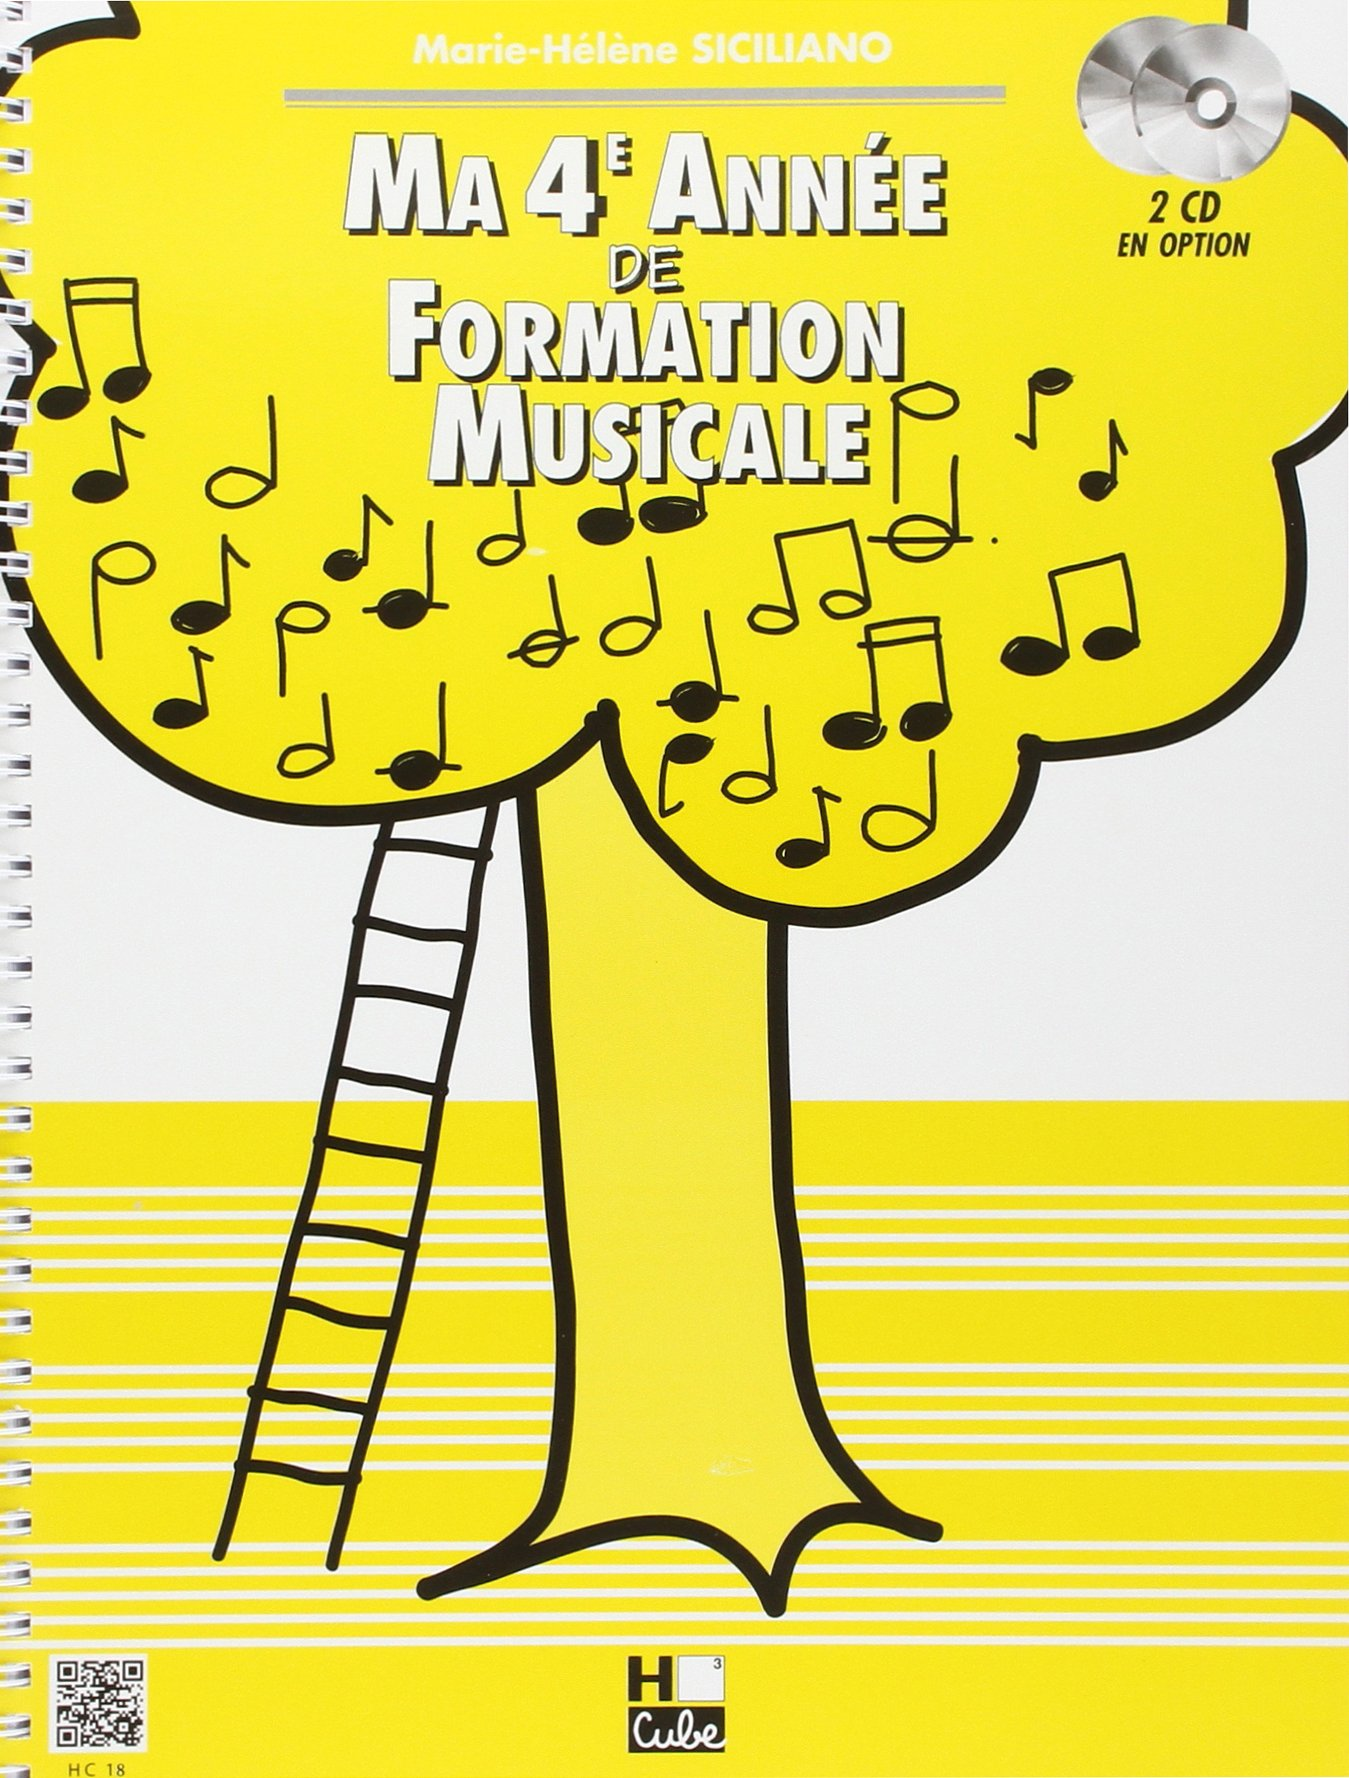 Ma 4ème année de formation musicale Partition – 5 septembre 1997 Marie-Hélène Siciliano H Cube B001J2Z59Y Musique